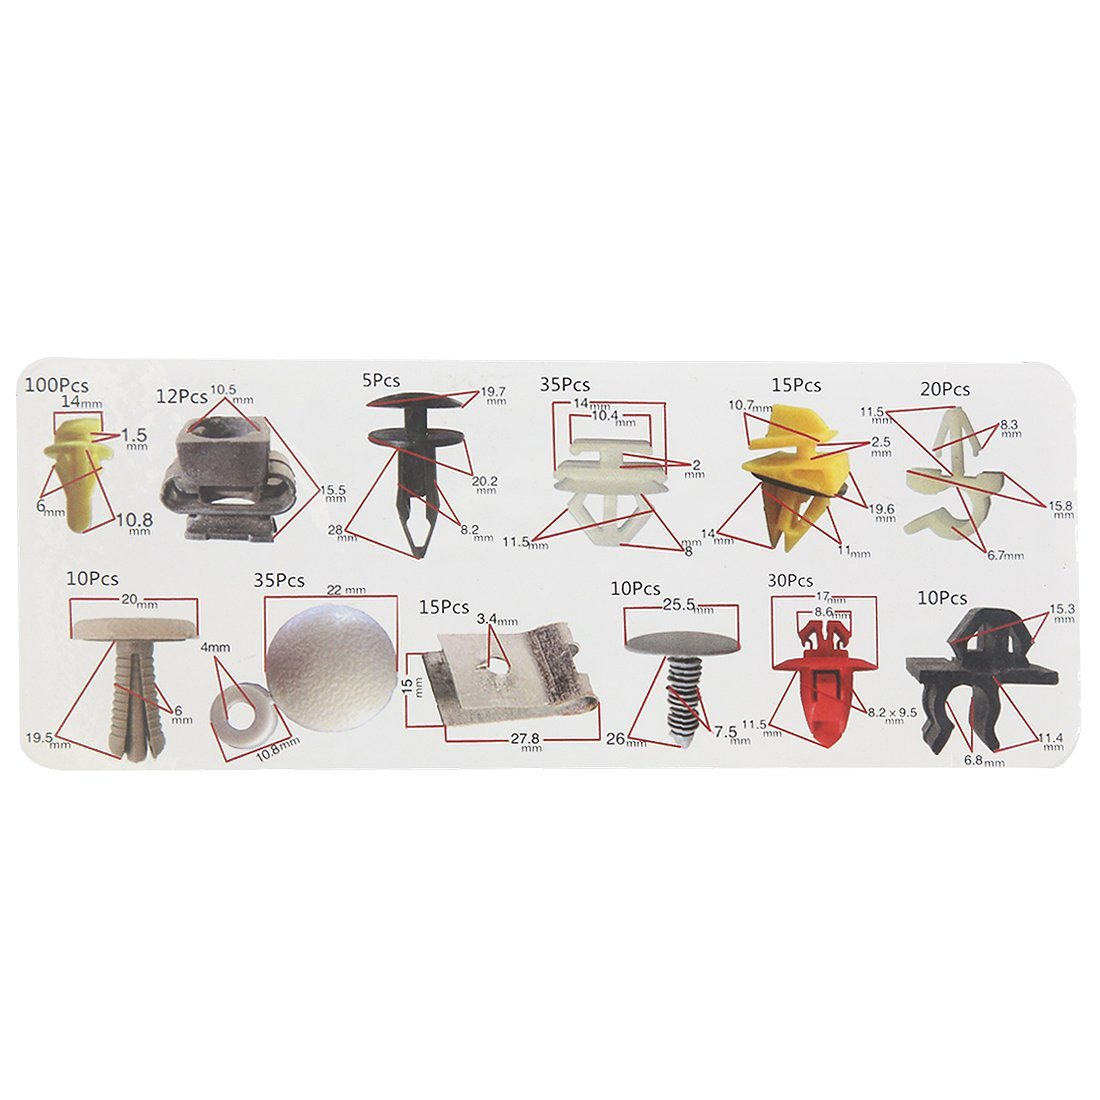 Amazon.com: eDealMax 297 piezas DE 12 Tipo de puerta de parachoques plástica de cargadores de sujetadores Remaches Set Para el coche automático: Automotive